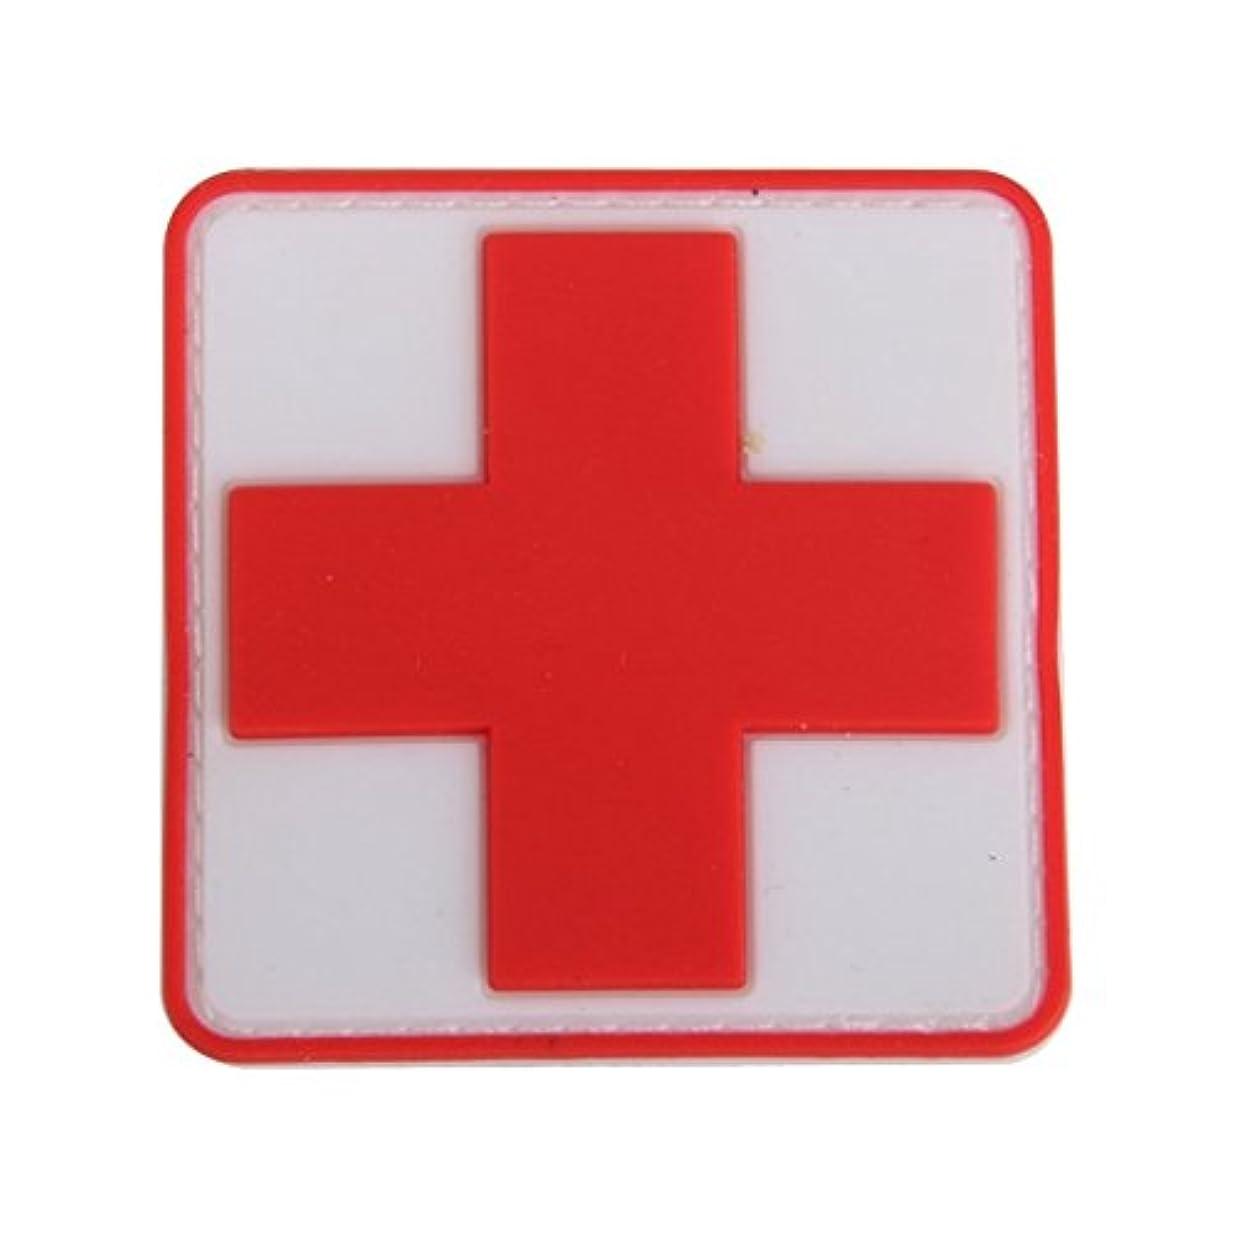 デクリメント安価な太字SODIAL アウトドア 応急処置PVCレッドクロスフック フックバッジパッチ